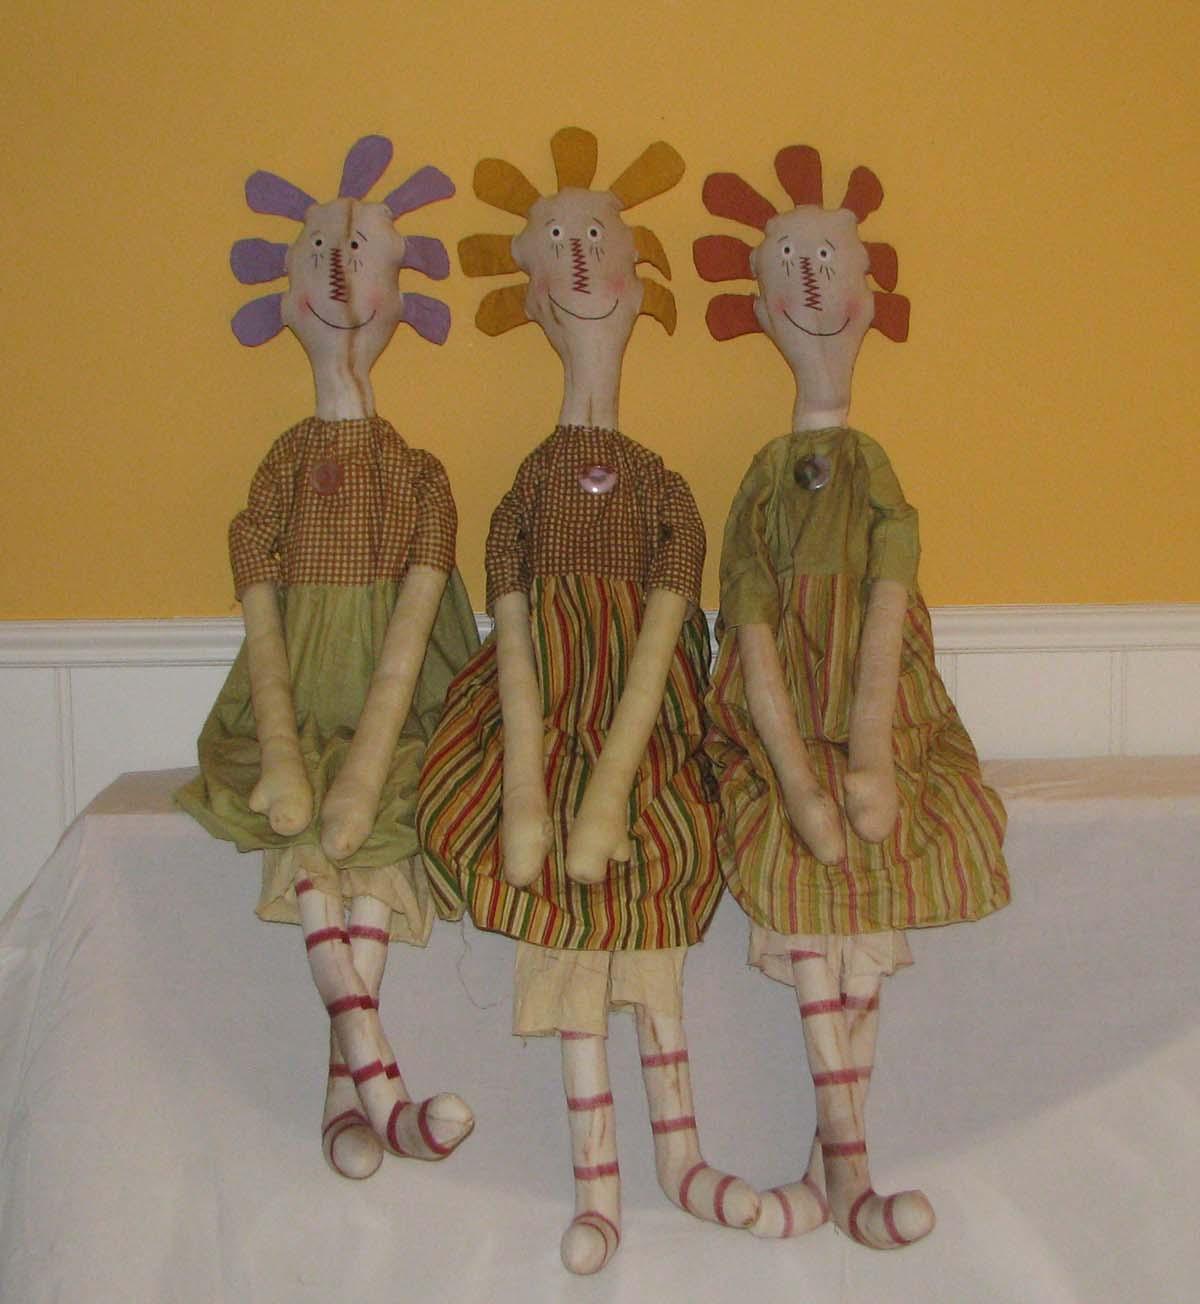 Raggedy dolls free uncensored mallu masala movies